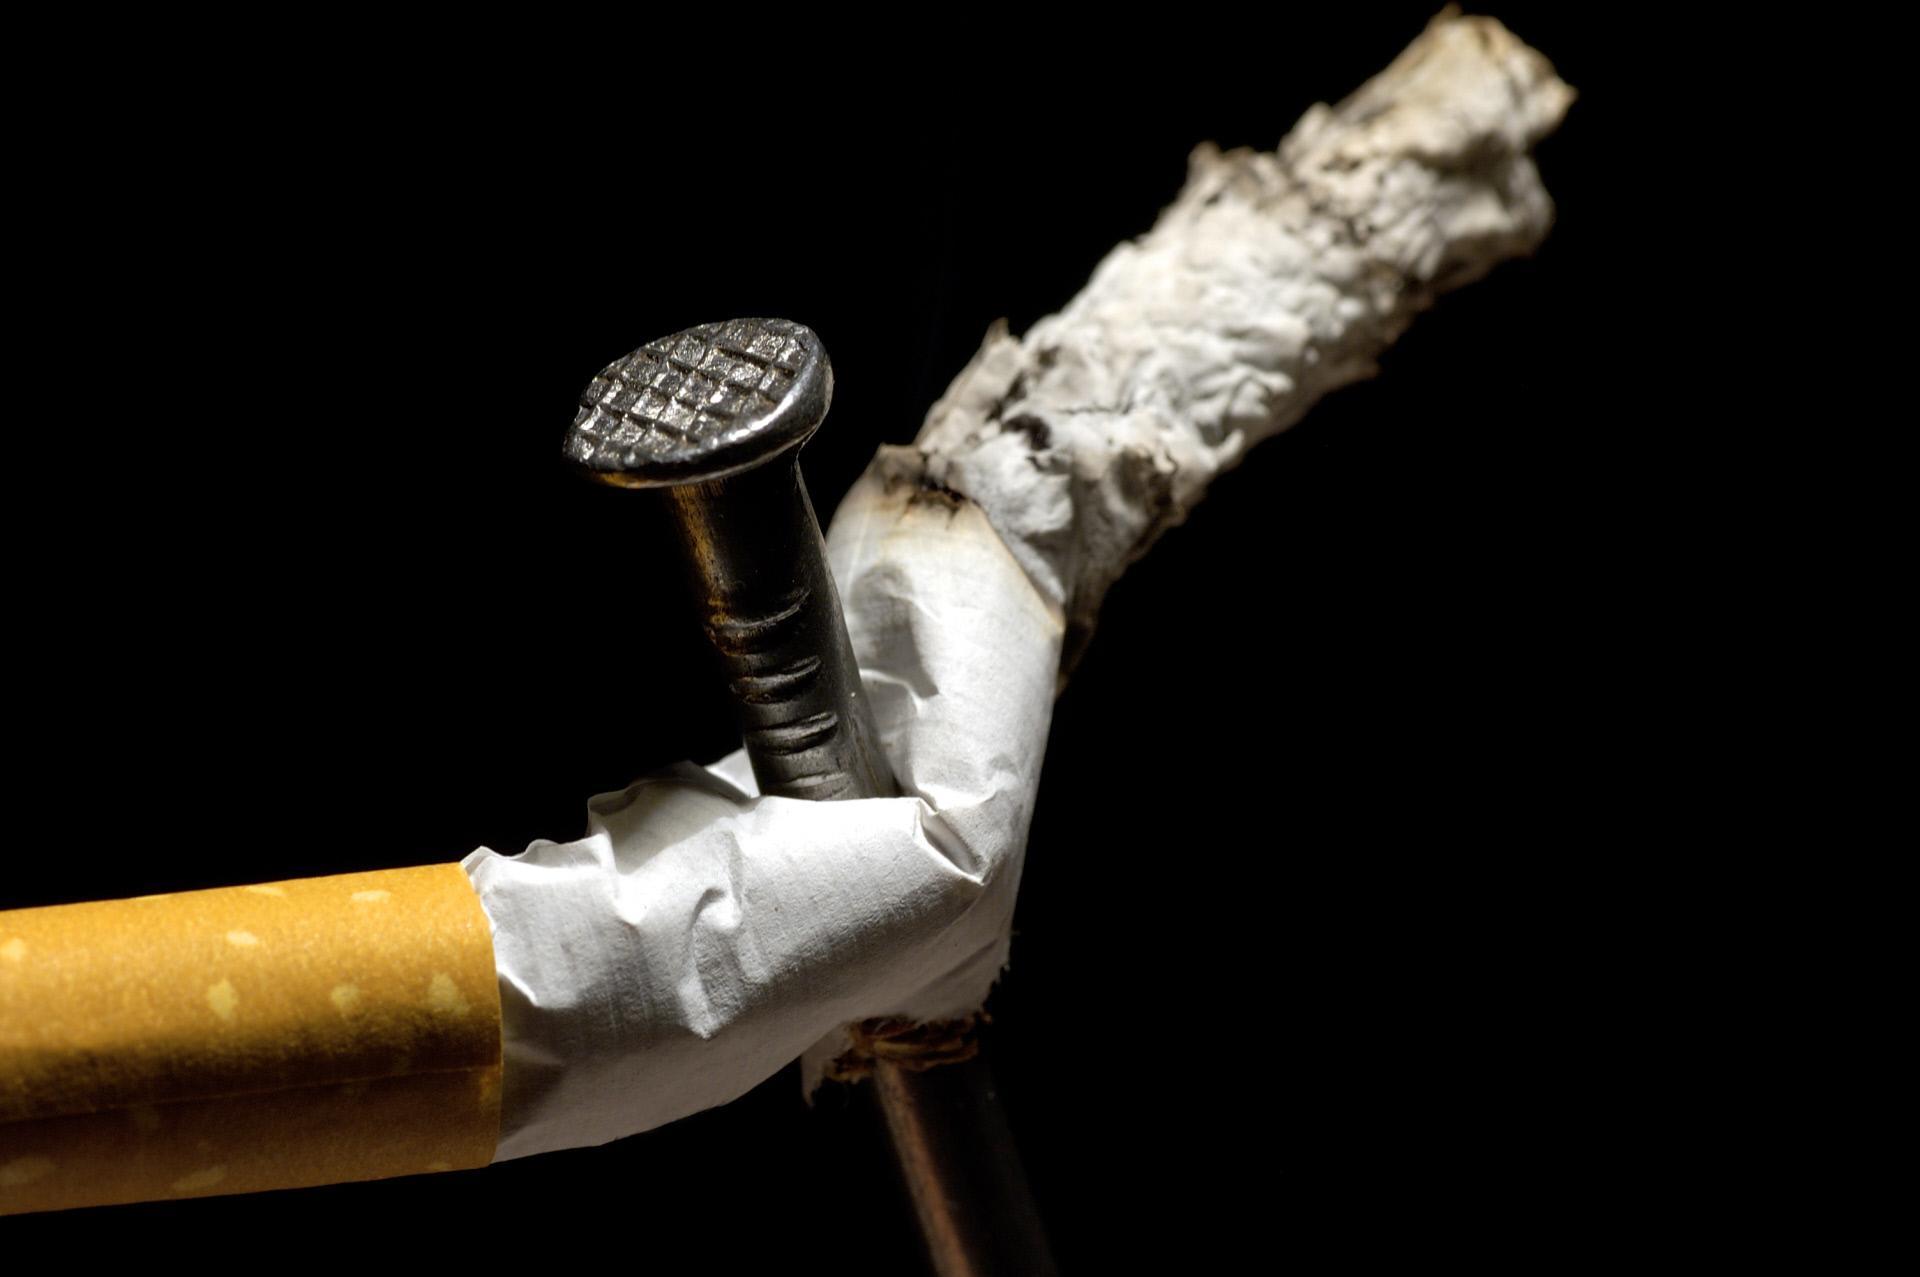 los vapeadores pueden ayudar a los adultos a dejar de fumar y son prácticamente inocuos para la salud